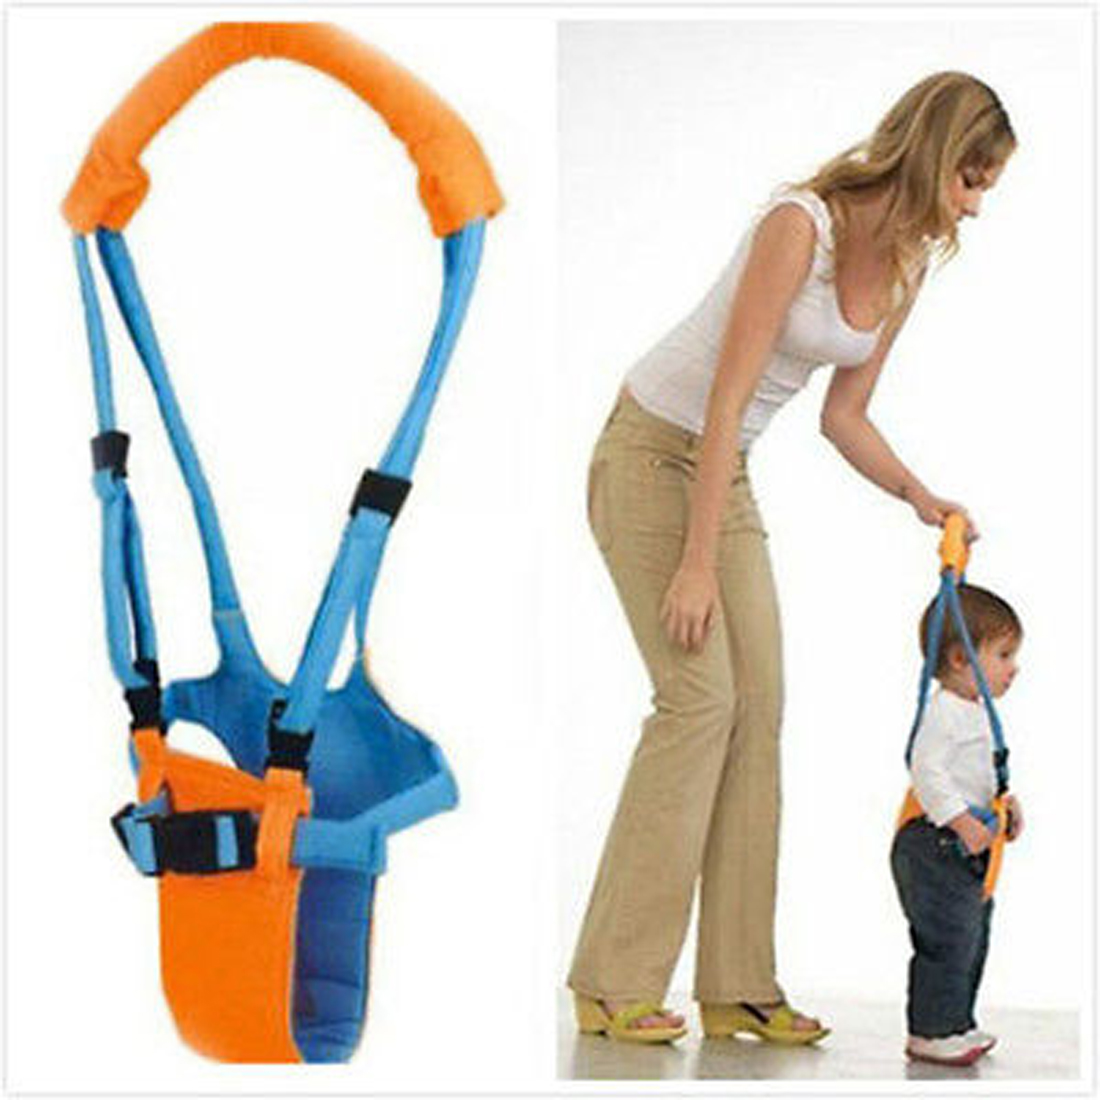 Kids Baby Baby Walker Harness Assistant Infant Toddler Harness Leashes Walk Learning Safety Reins Jumper Strap Belt For Children